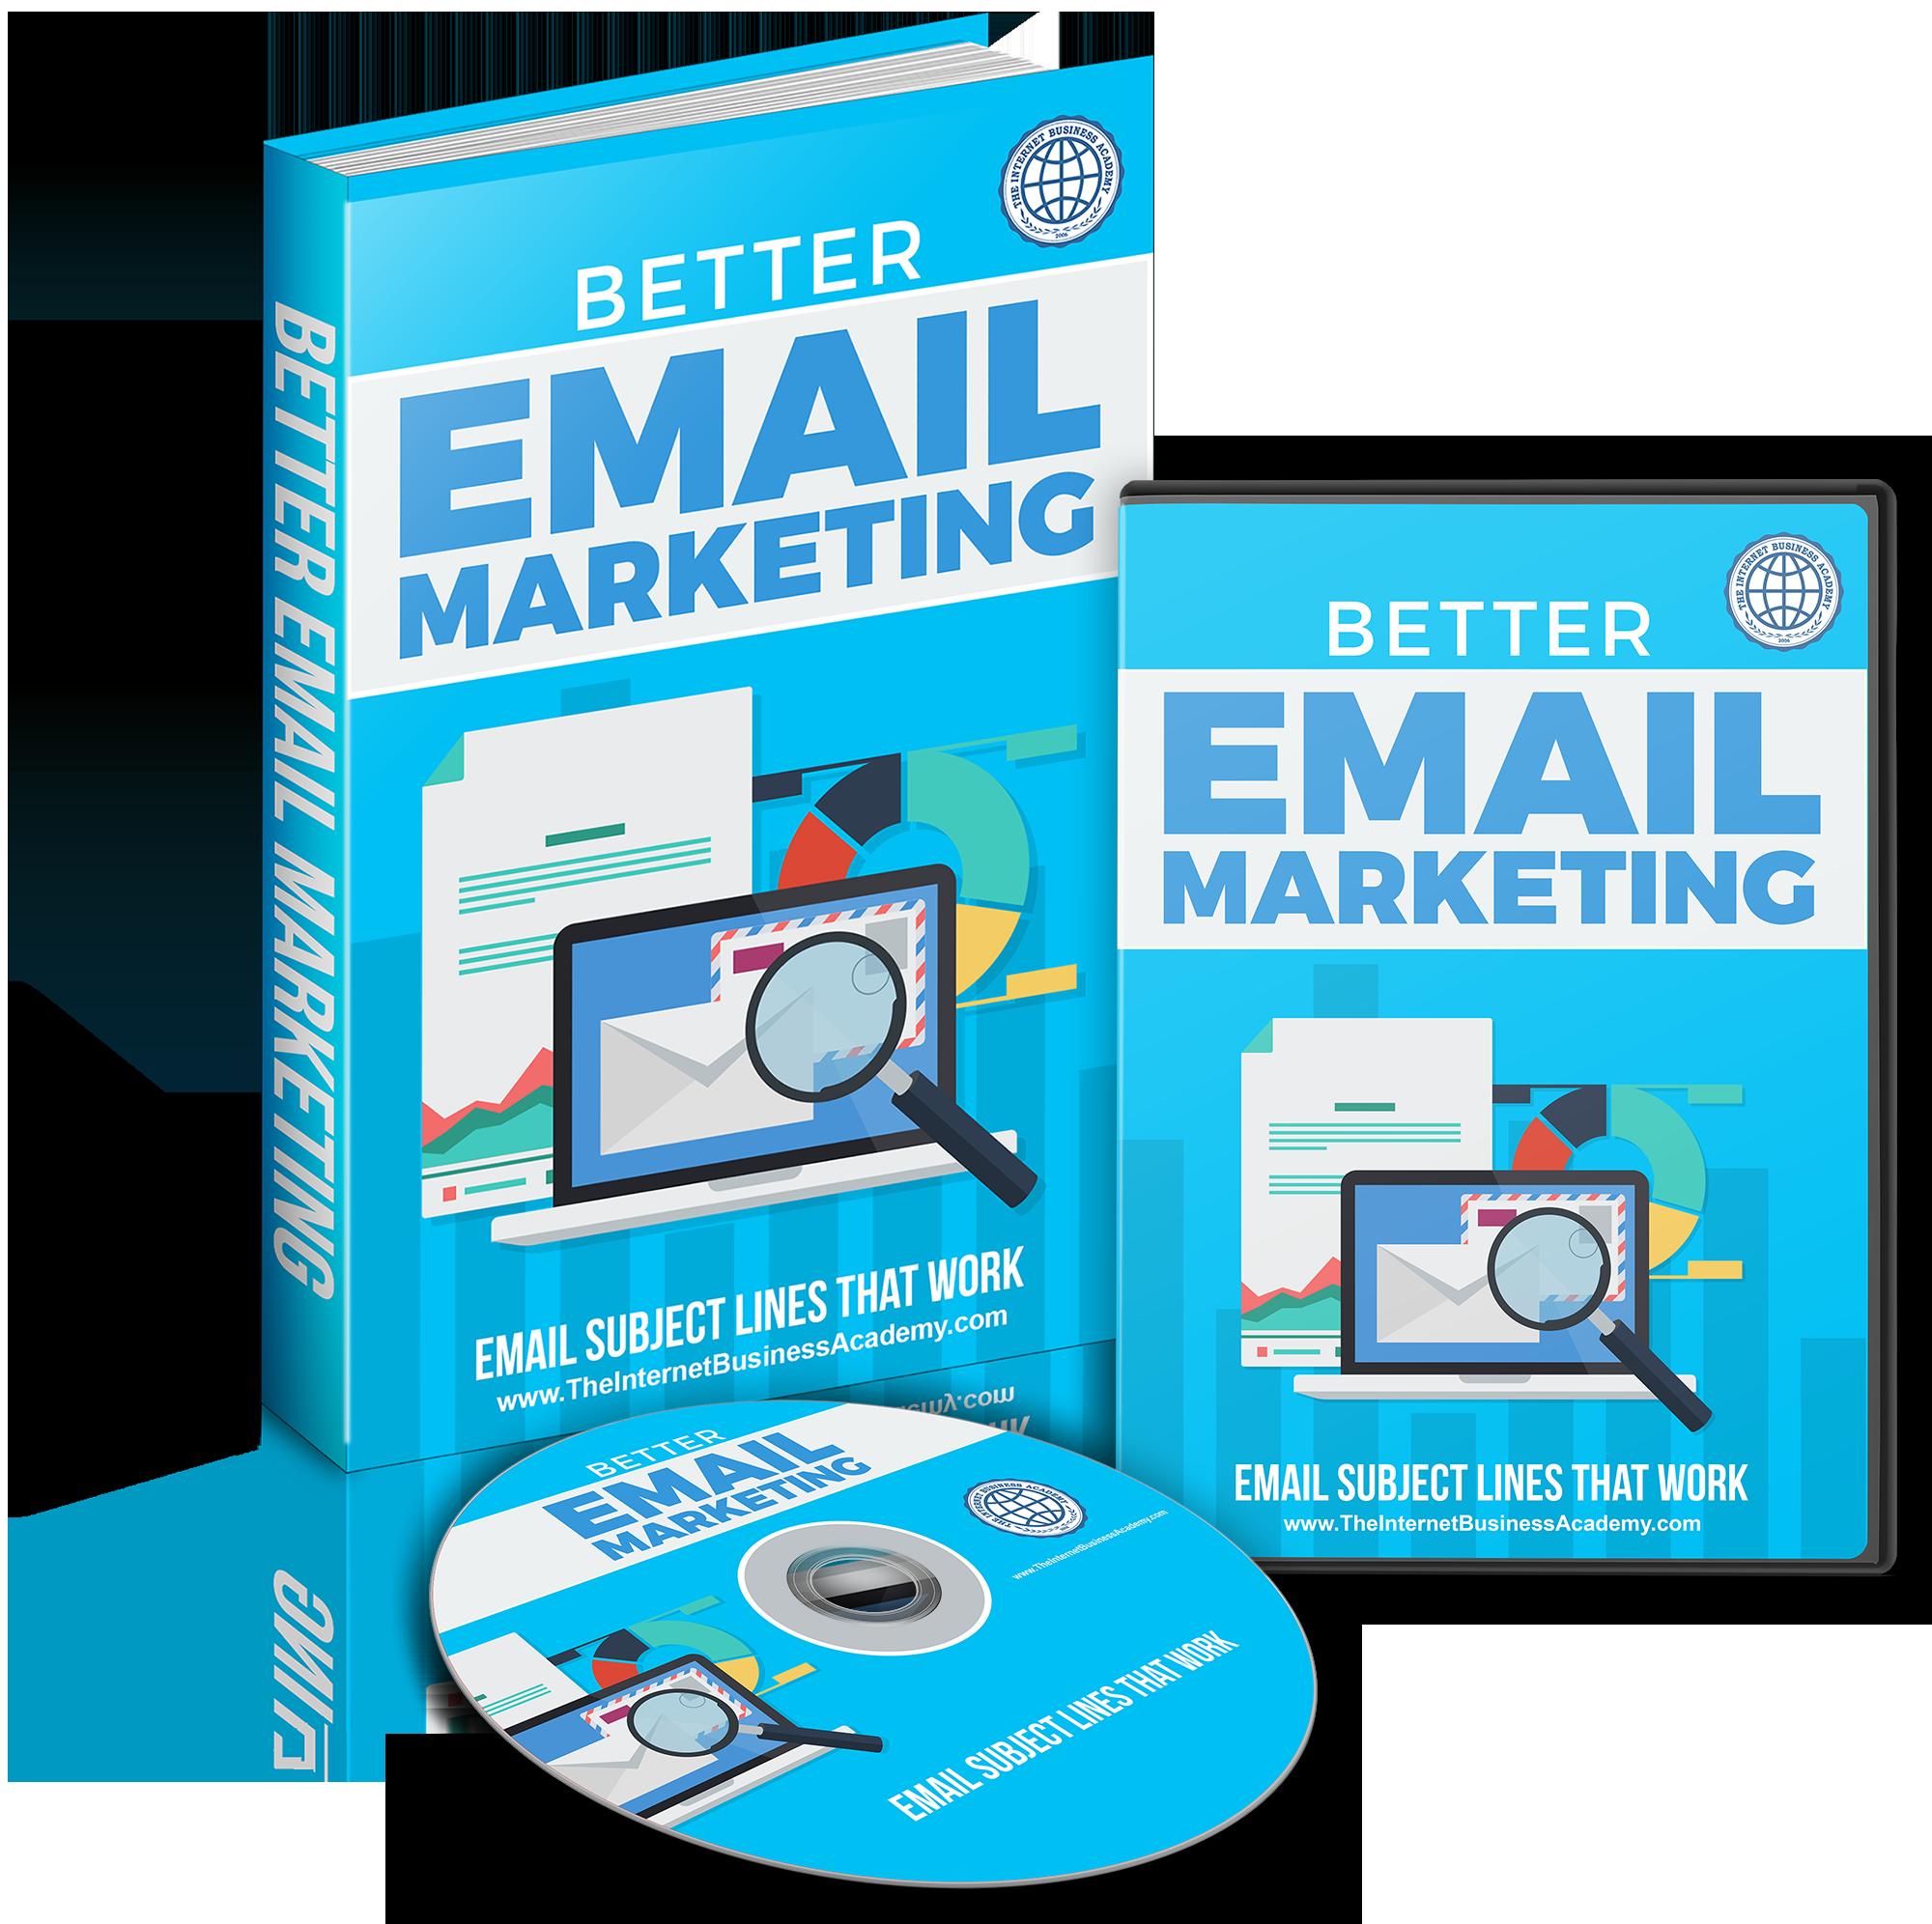 Better-Email-Marketing-bonus-3